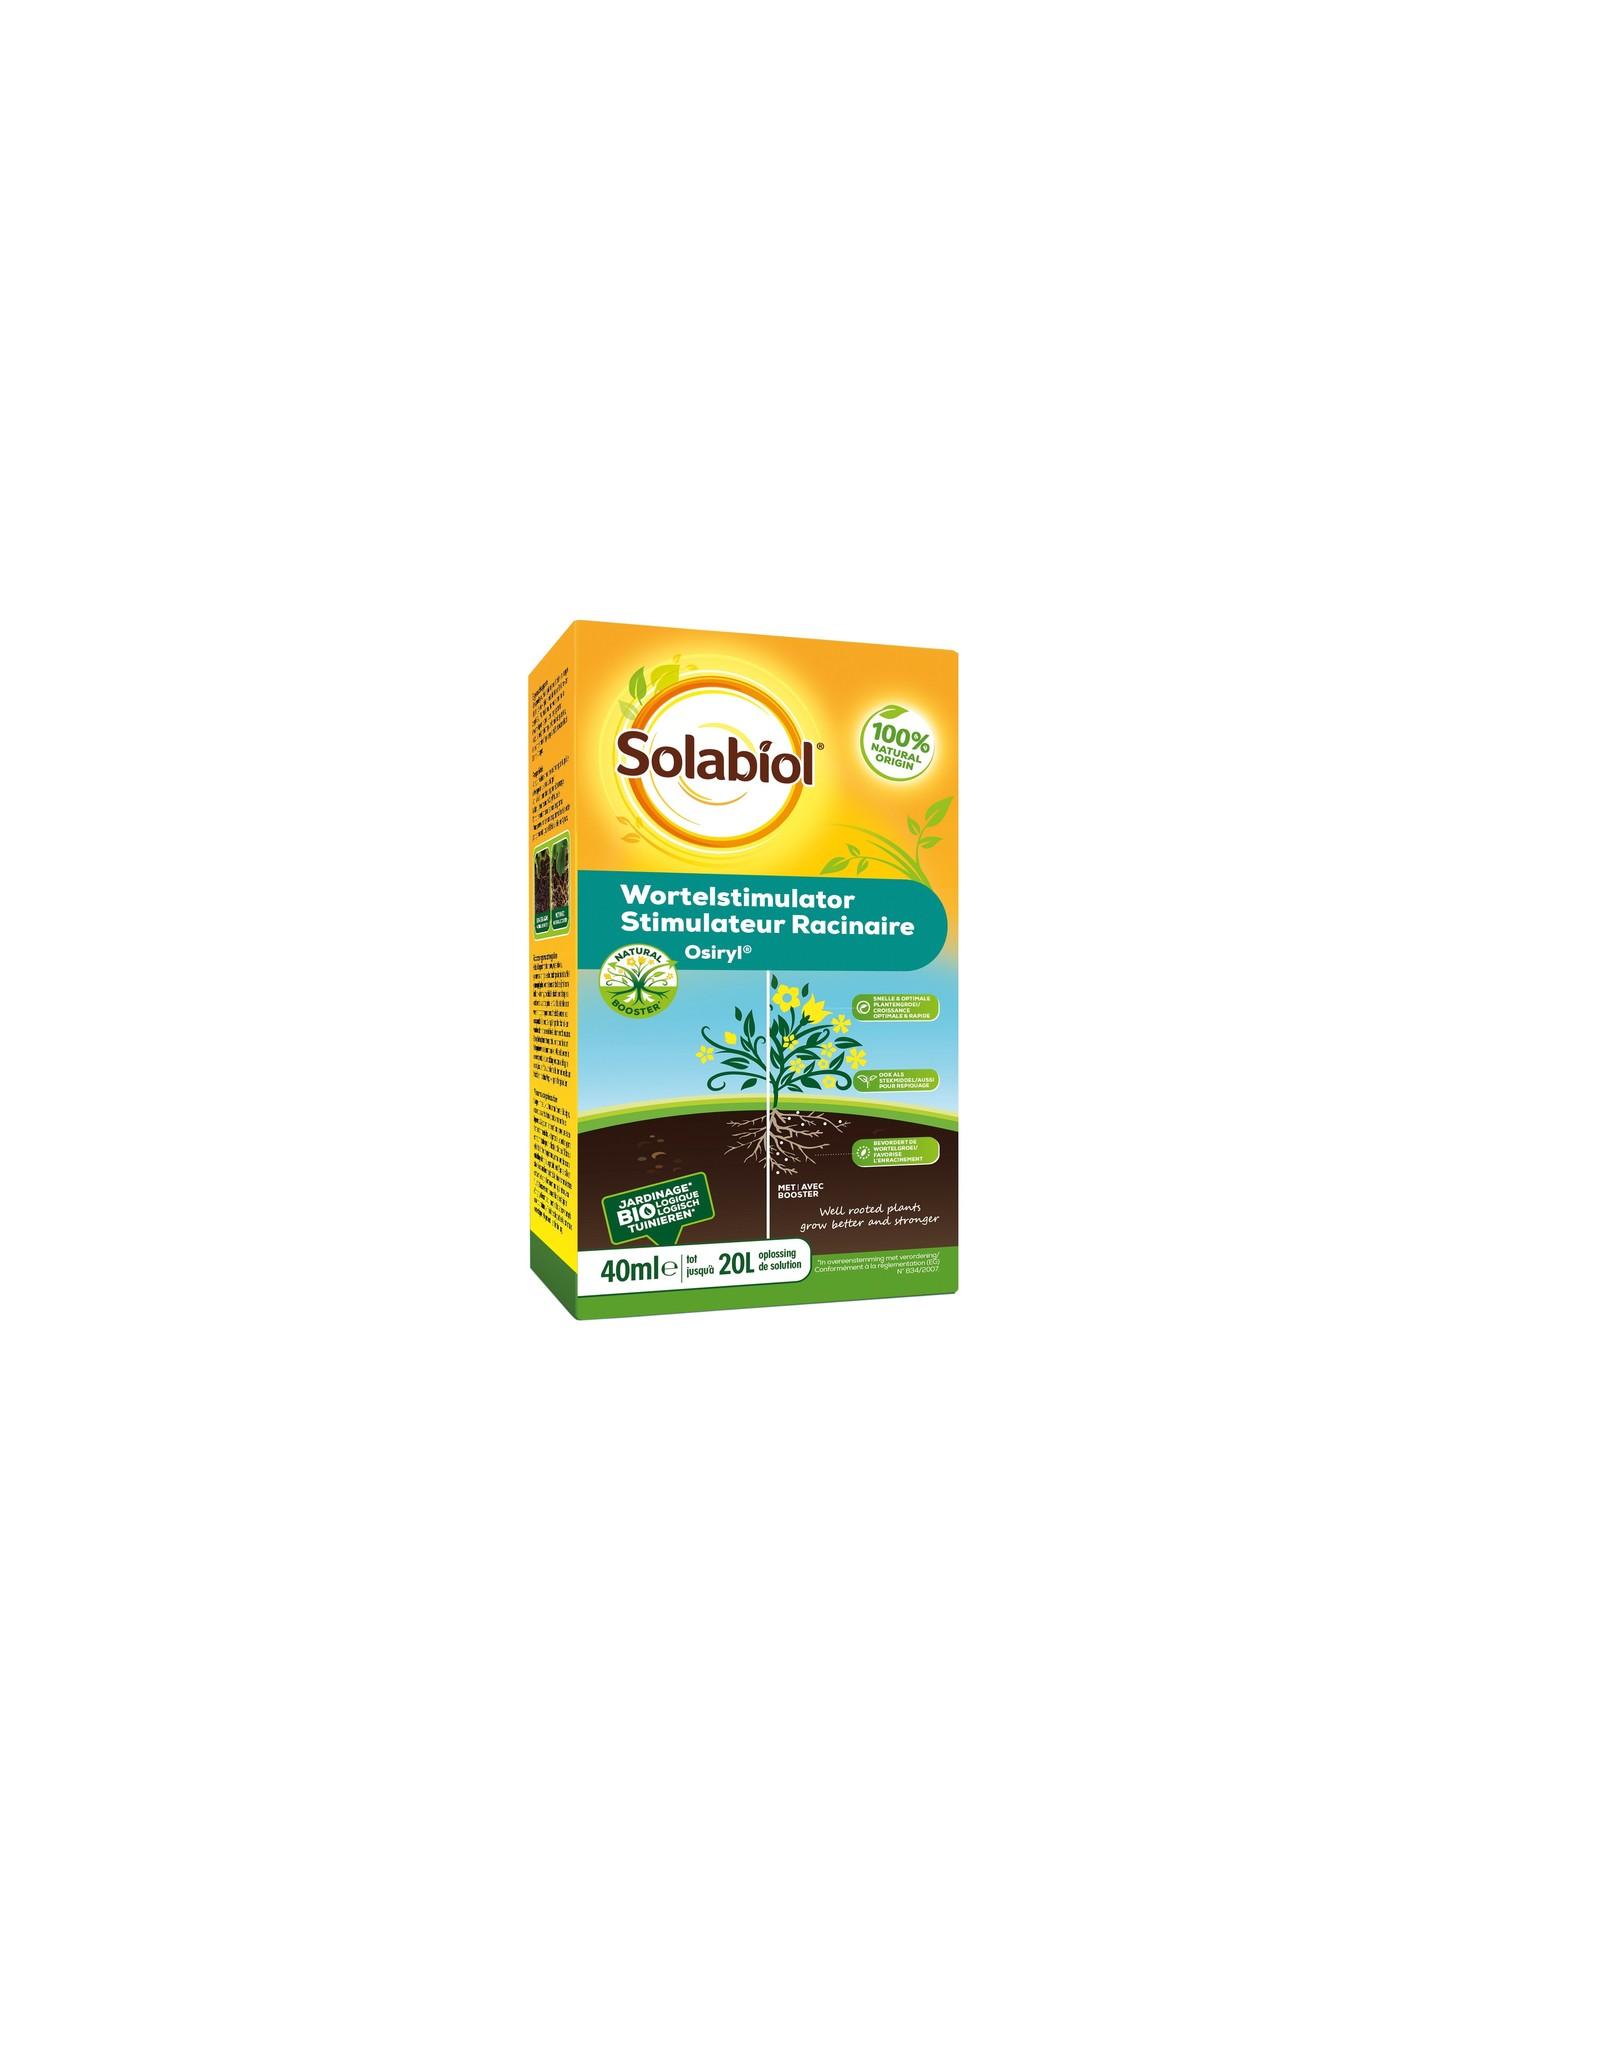 Solabiol Osiryl wortelstimulator 40 ml